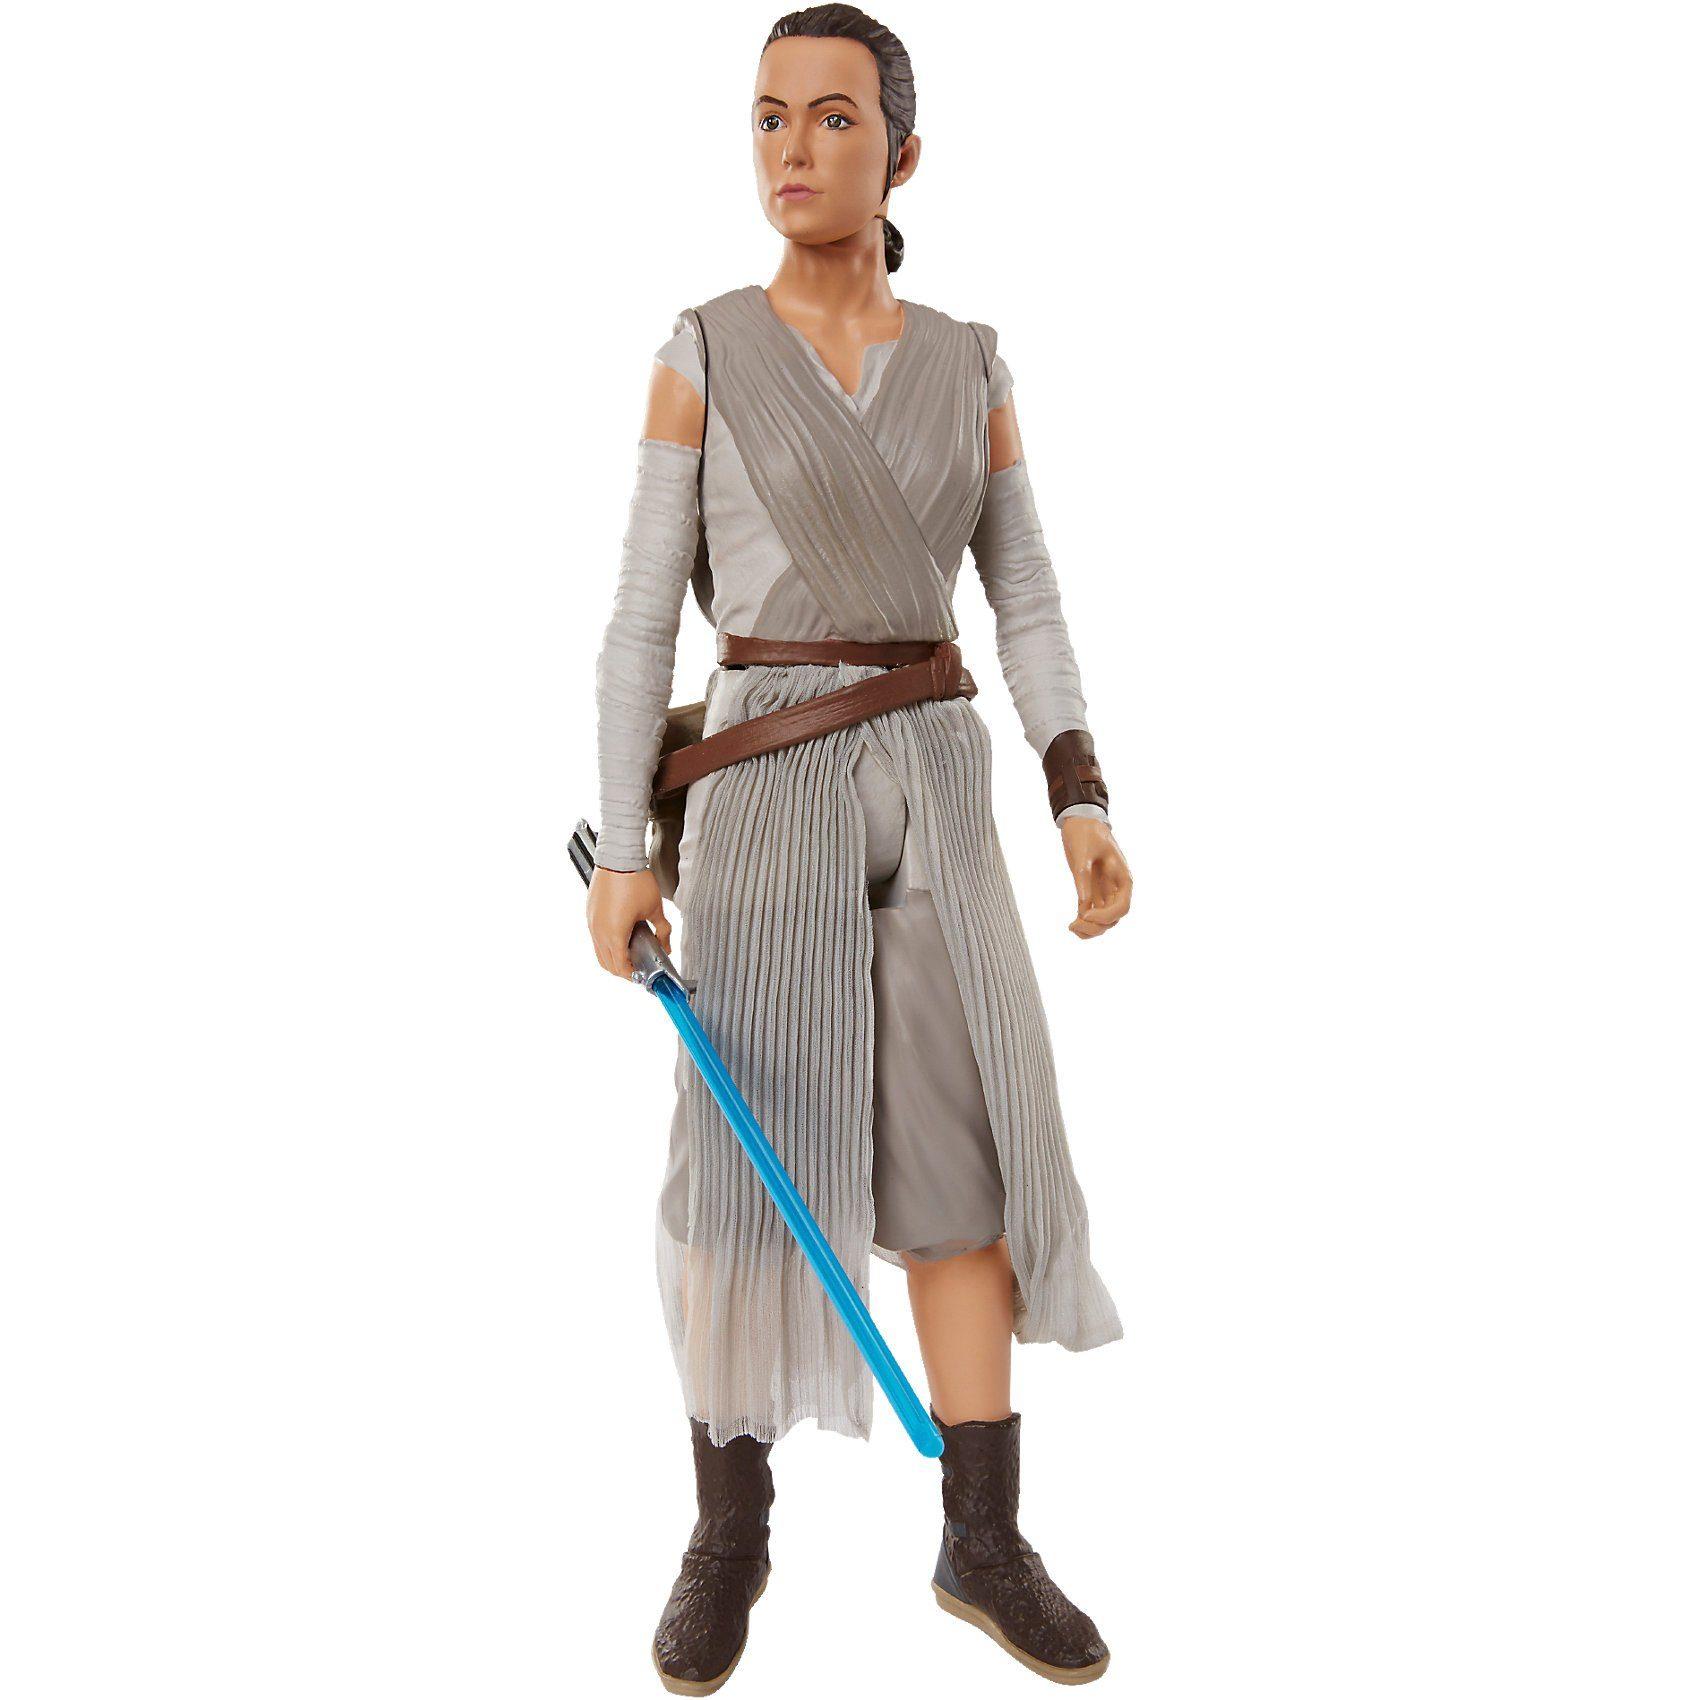 Jakks Pacific Star Wars Das Erwachen der Macht - Rey 45 cm